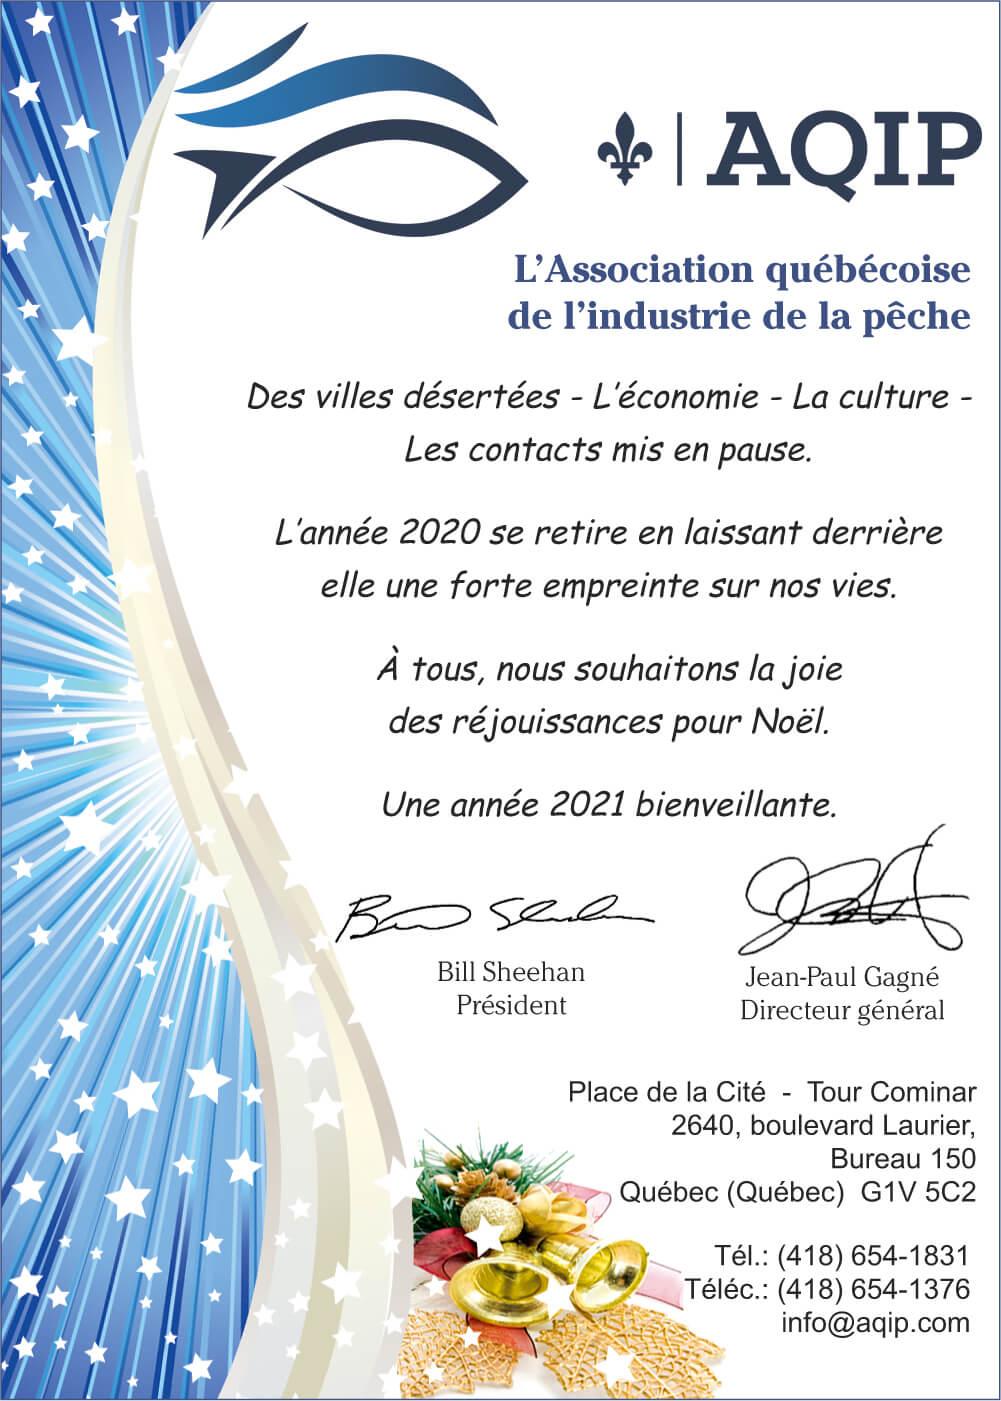 AQIP Association québécoise de l'industrie de la pêche